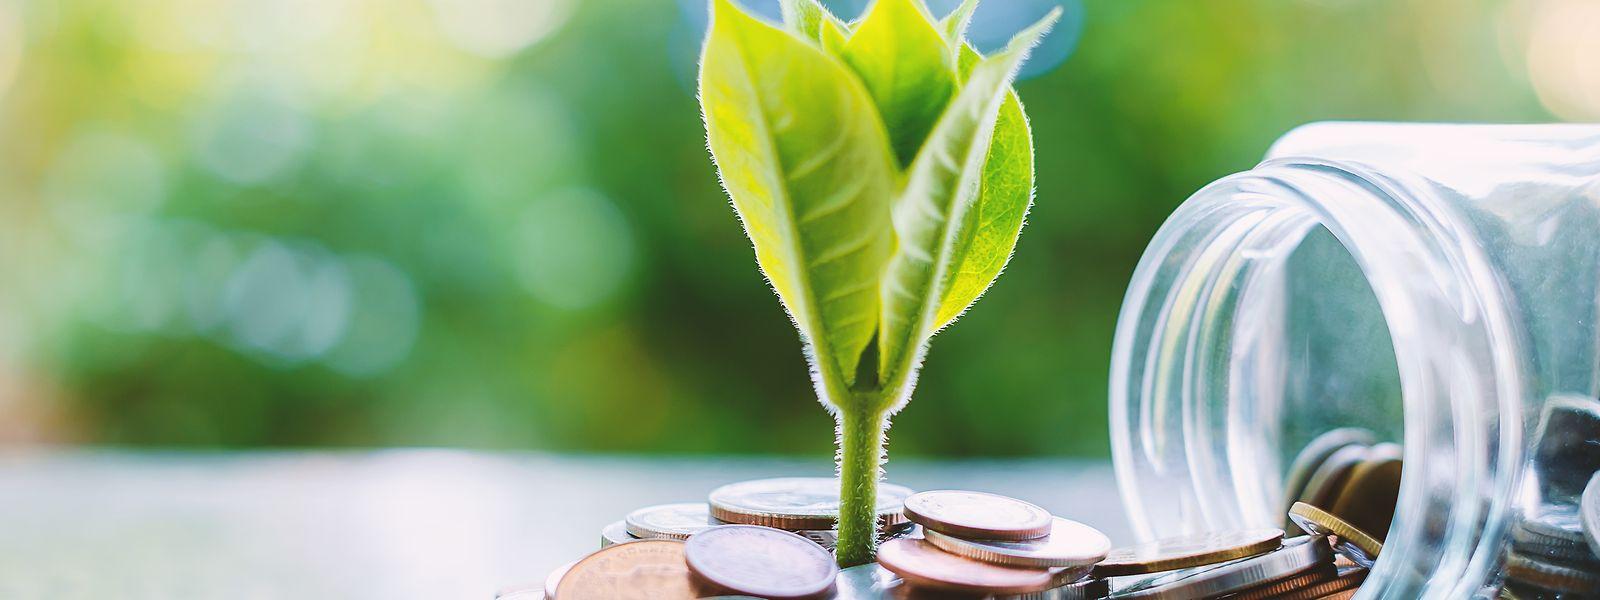 """Beim """"Global Green Finance Index"""", der die Verbreitung von grünen Finanzprodukten von großen Finanzzentren unter die Lupe nimmt, spielt der Luxemburger Finanzplatz vorne mit."""